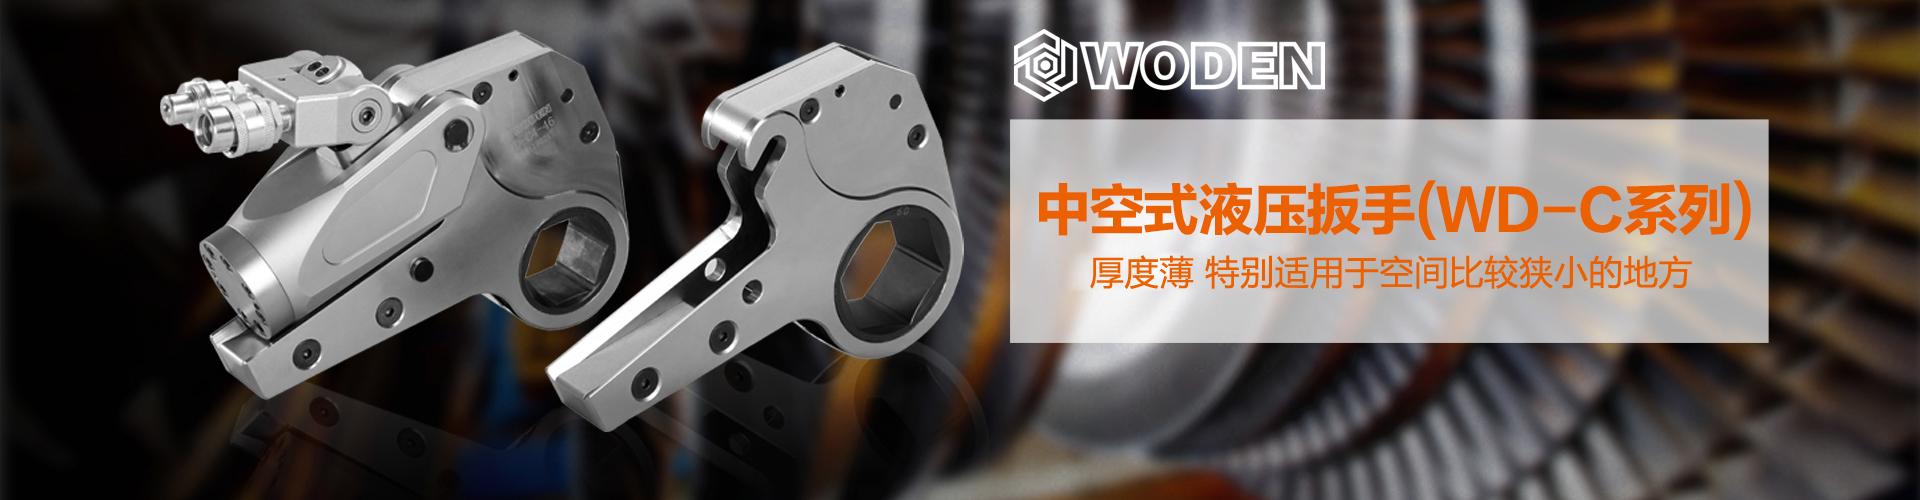 雷电竞网页WD-C系列中空LOL雷电竞雷电竞备用网站